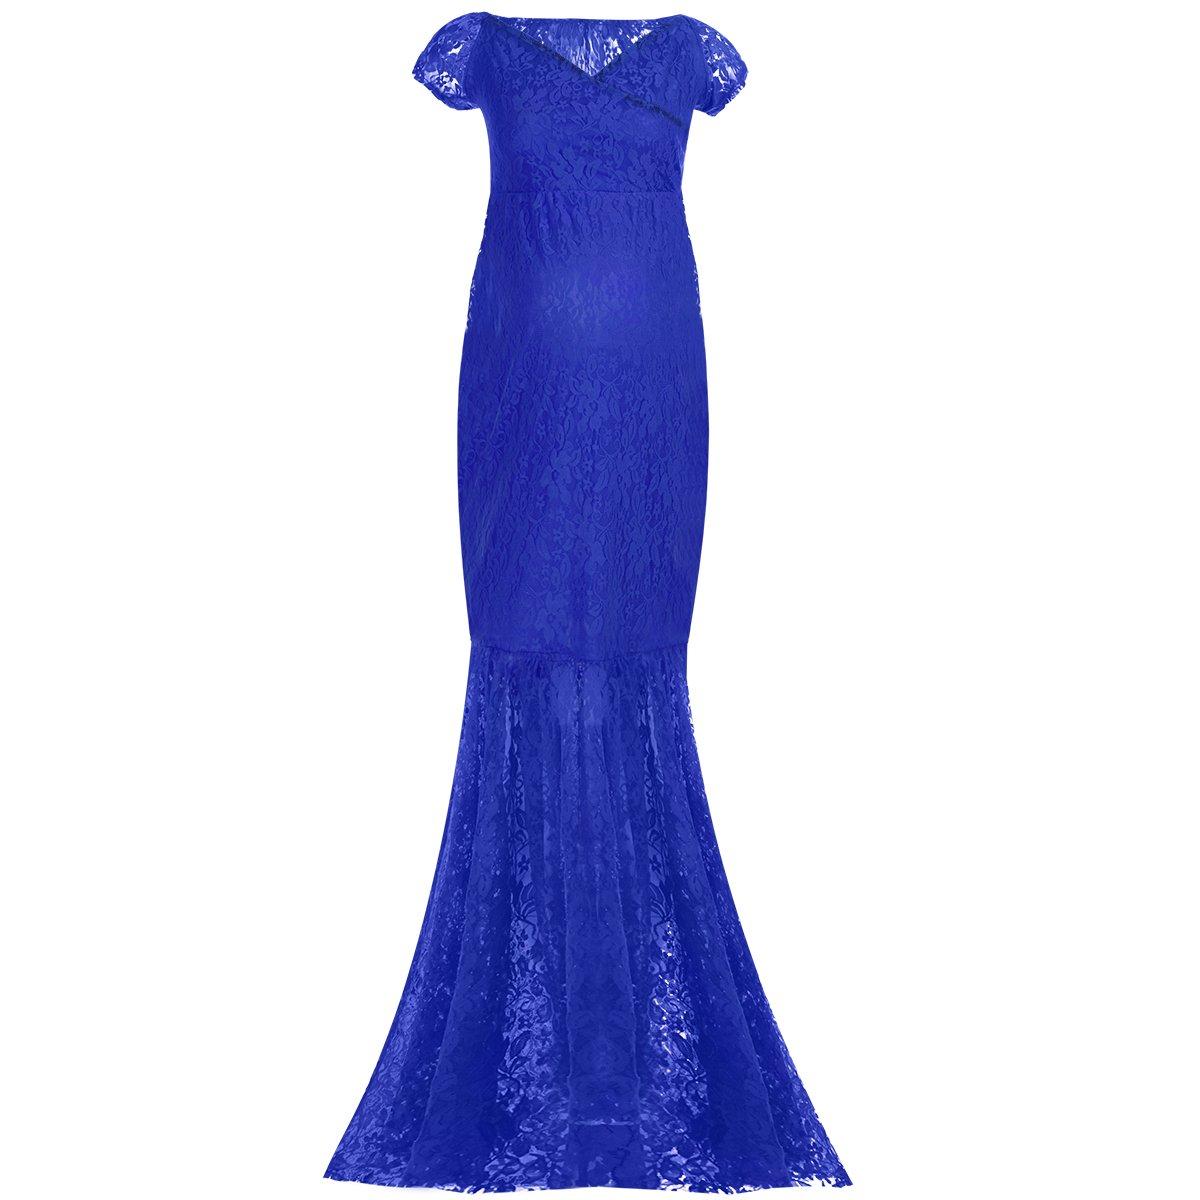 IBTOM CASTLE B076D872TH DRESS 3L レディース CASTLE 3L ブルー B076D872TH, LODGE:029cd047 --- sharoshka.org